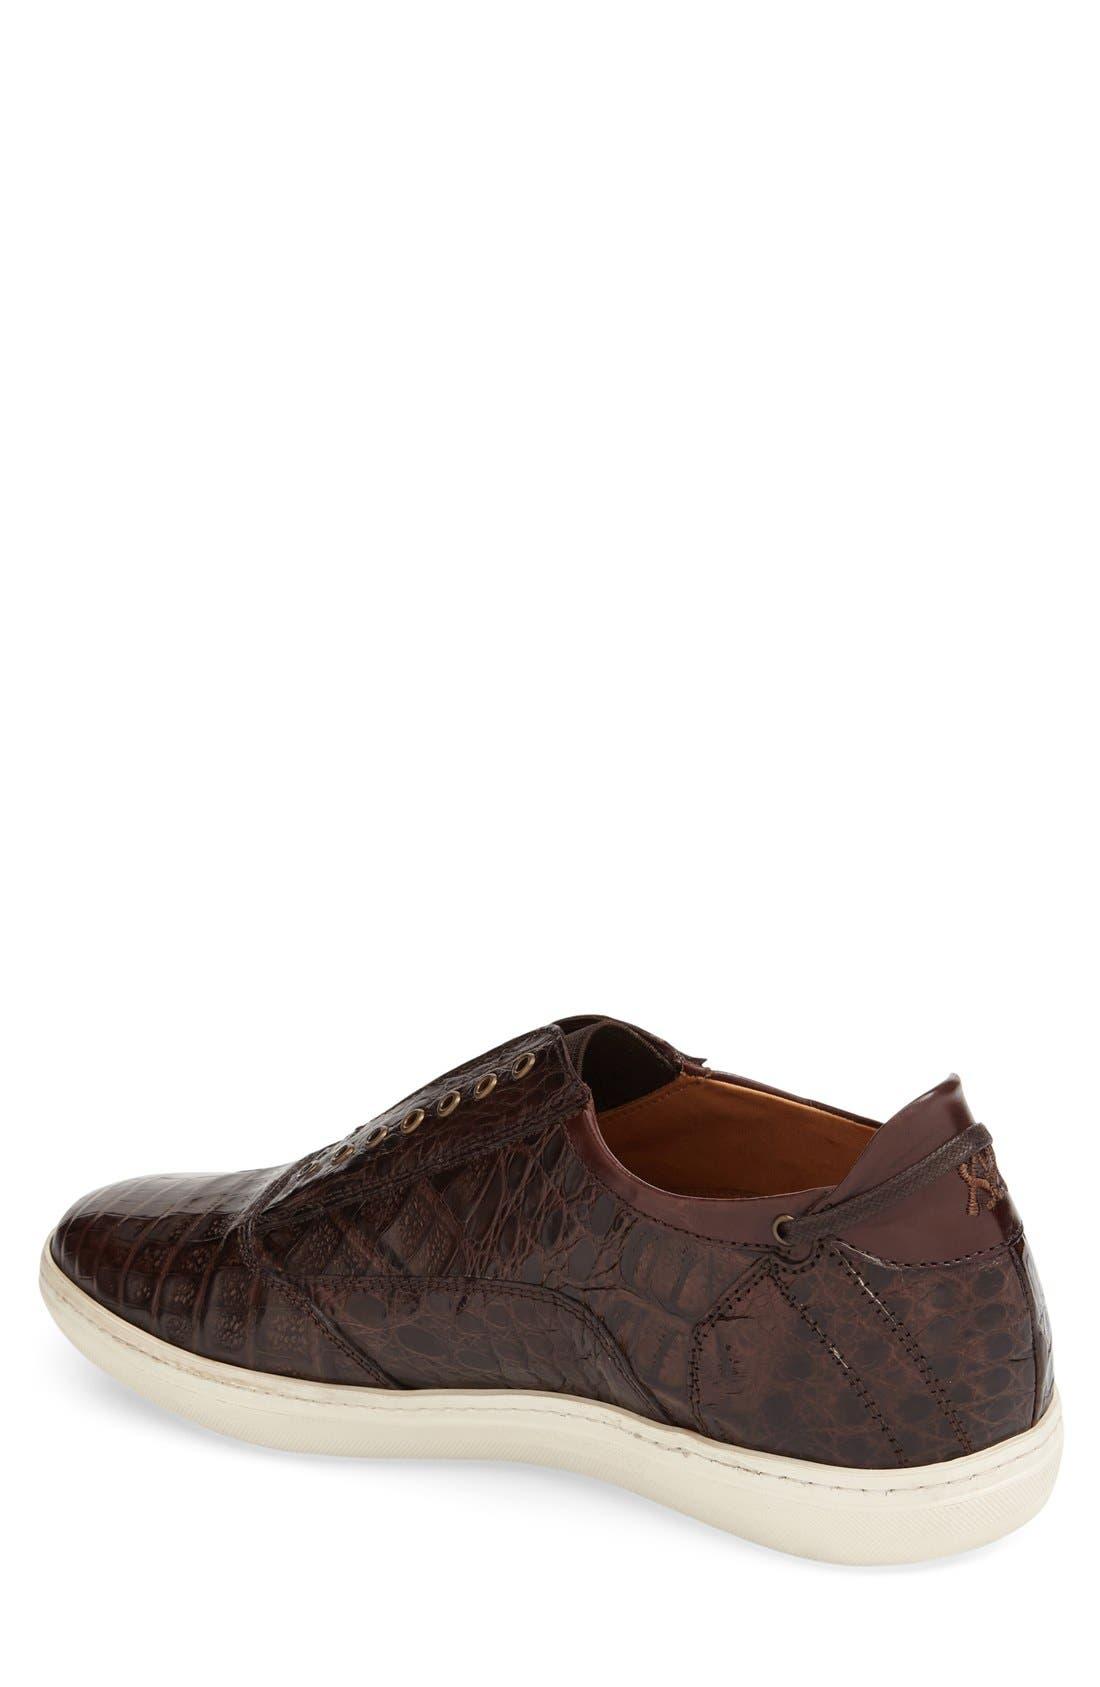 'Emmanuel' Slip-on Sneaker,                             Alternate thumbnail 5, color,